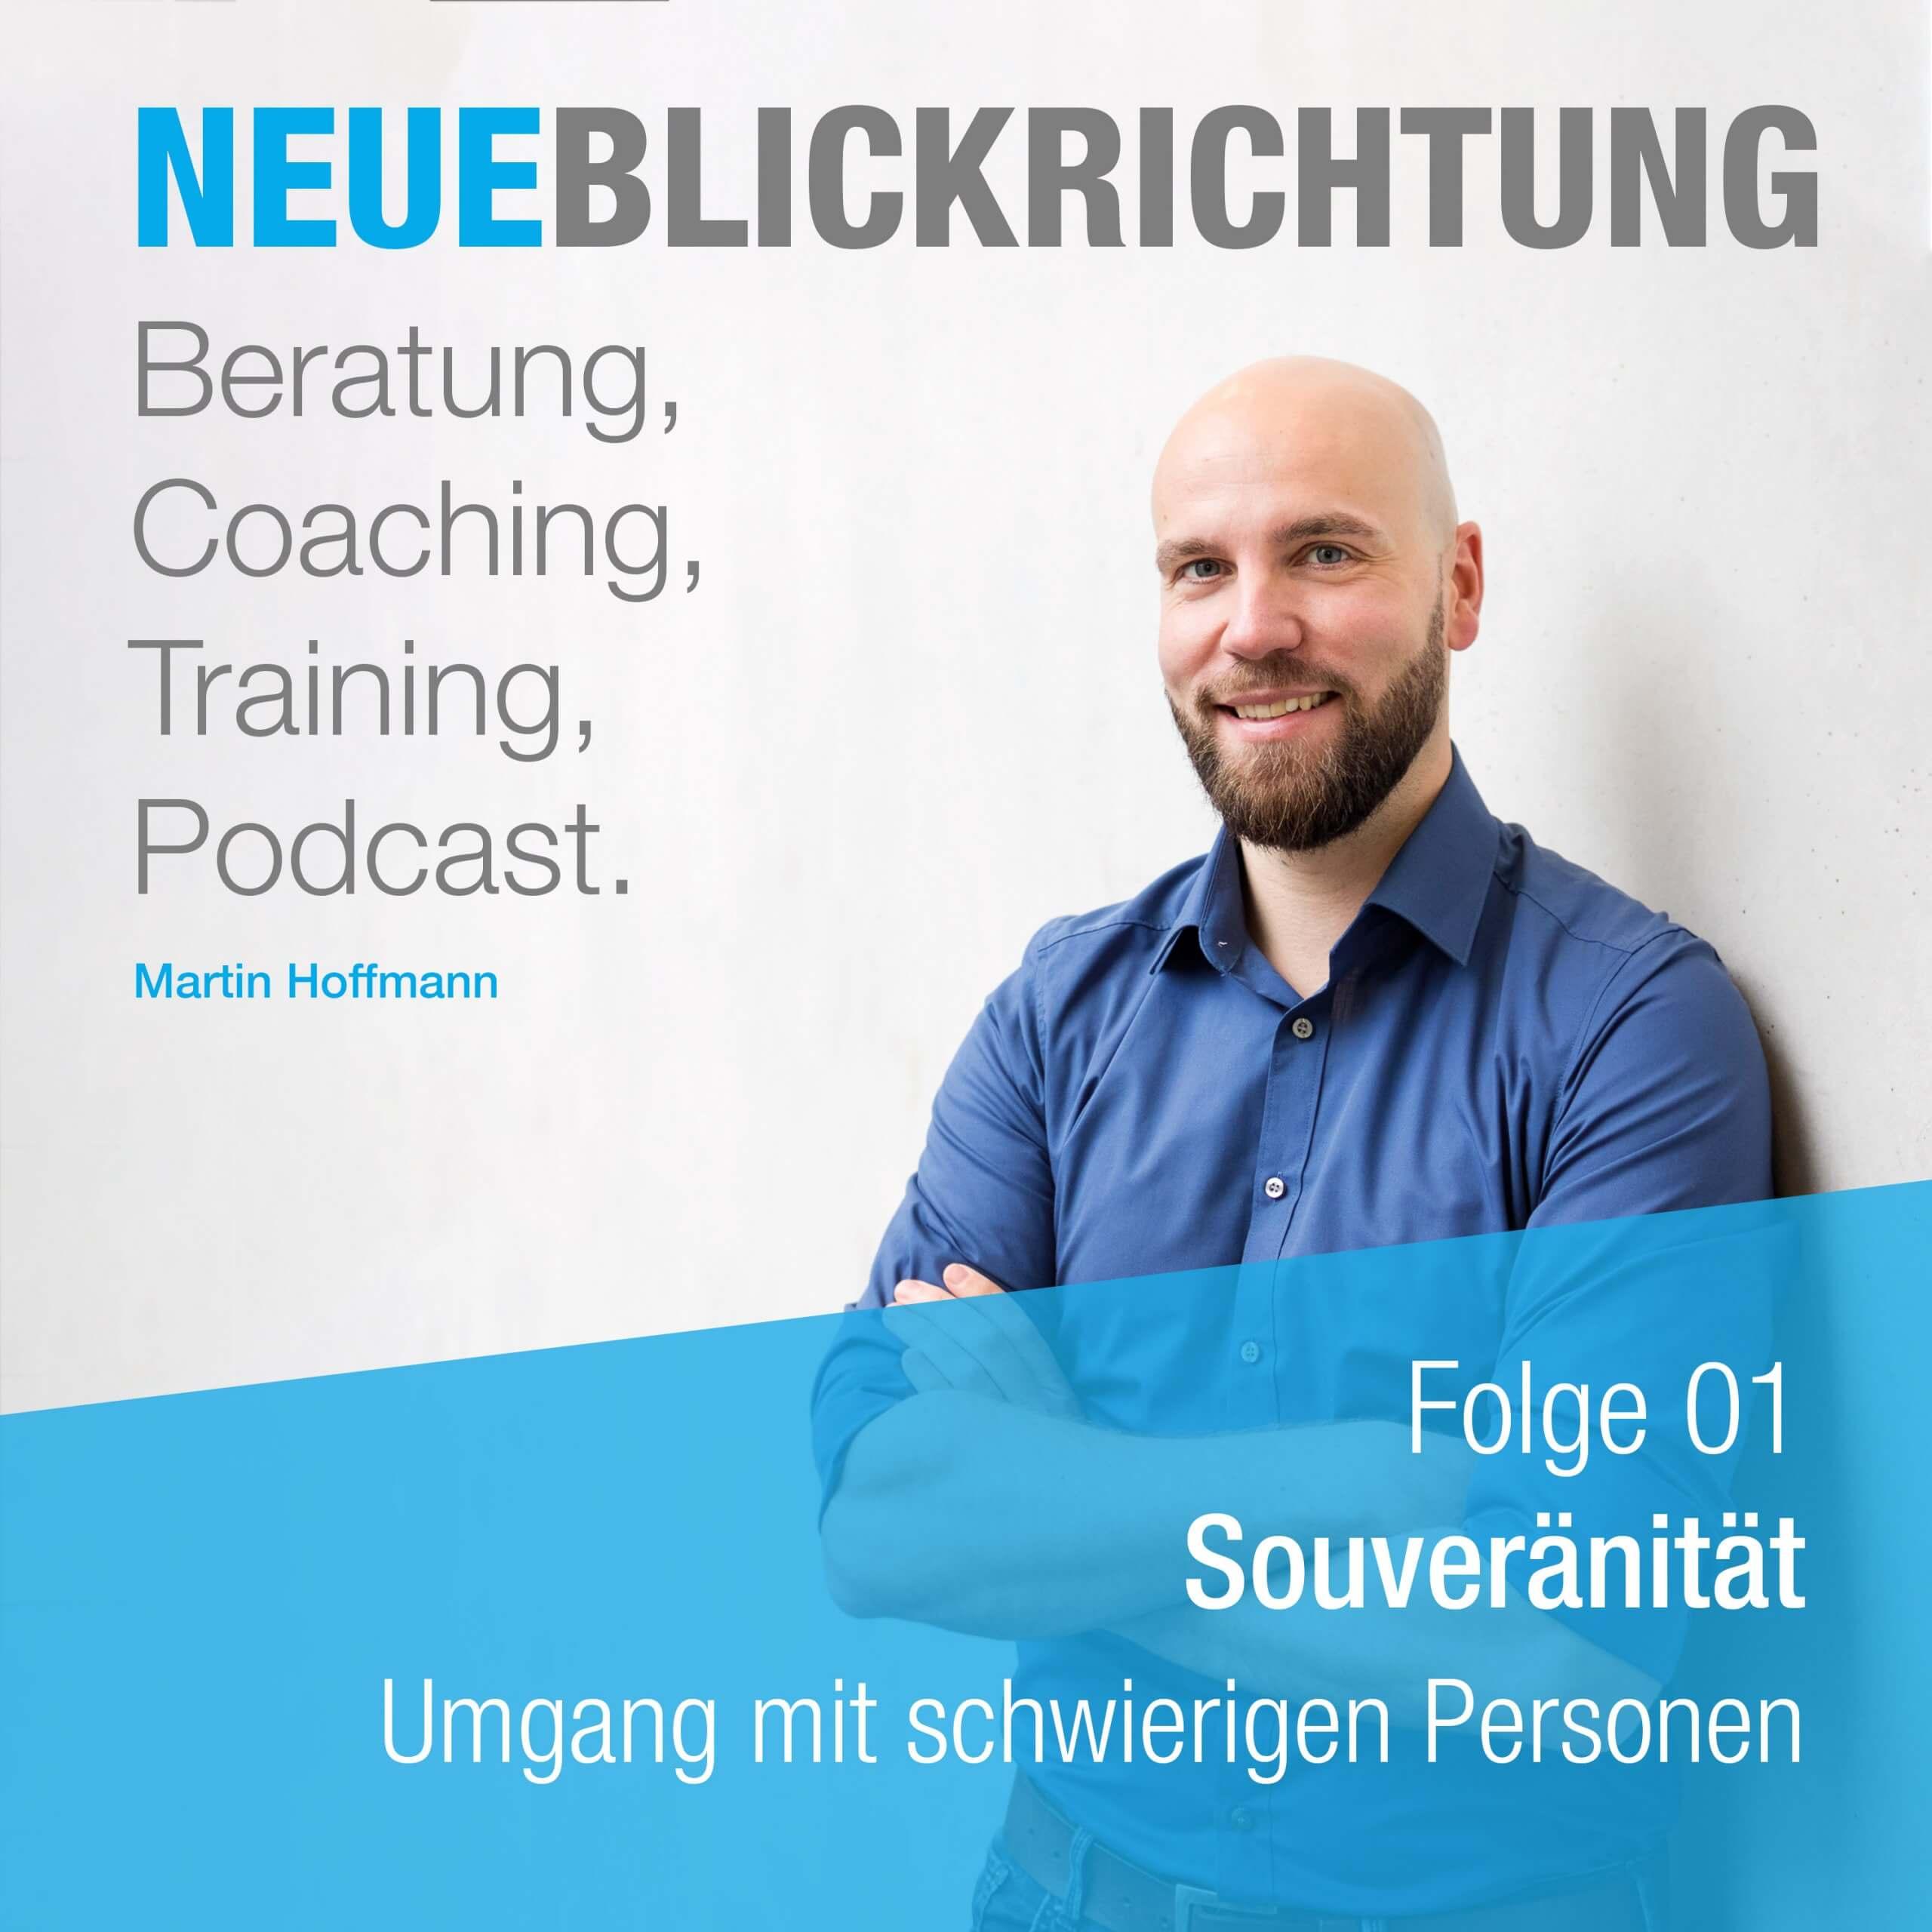 Martin Hoffmann Podcast Episode 01